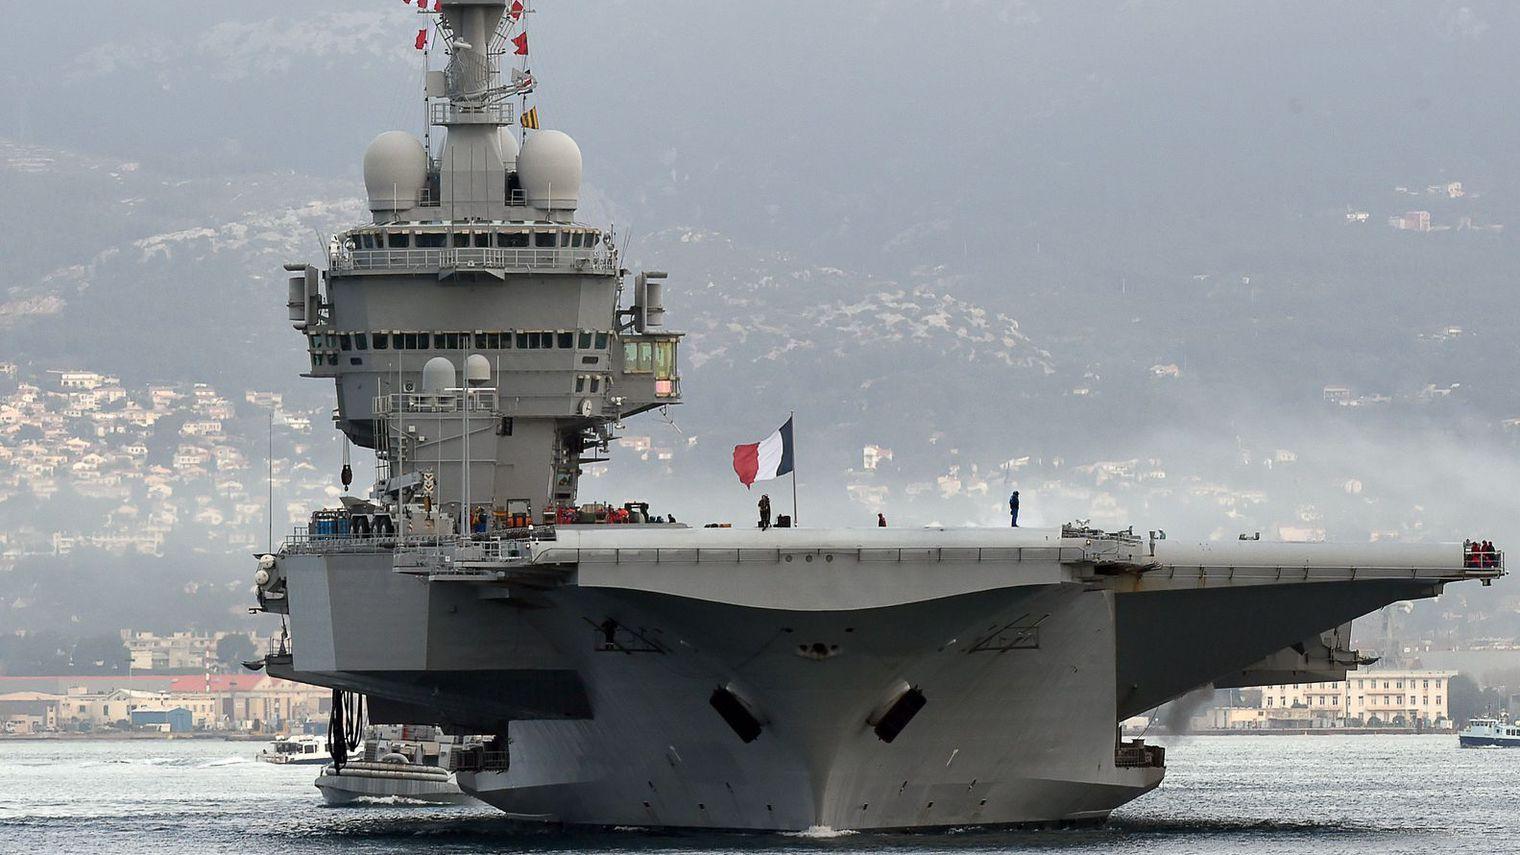 مصدر. المغرب يستعدُ لشراء حاملة طائرات انتهت صلاحيتها من فرنسا